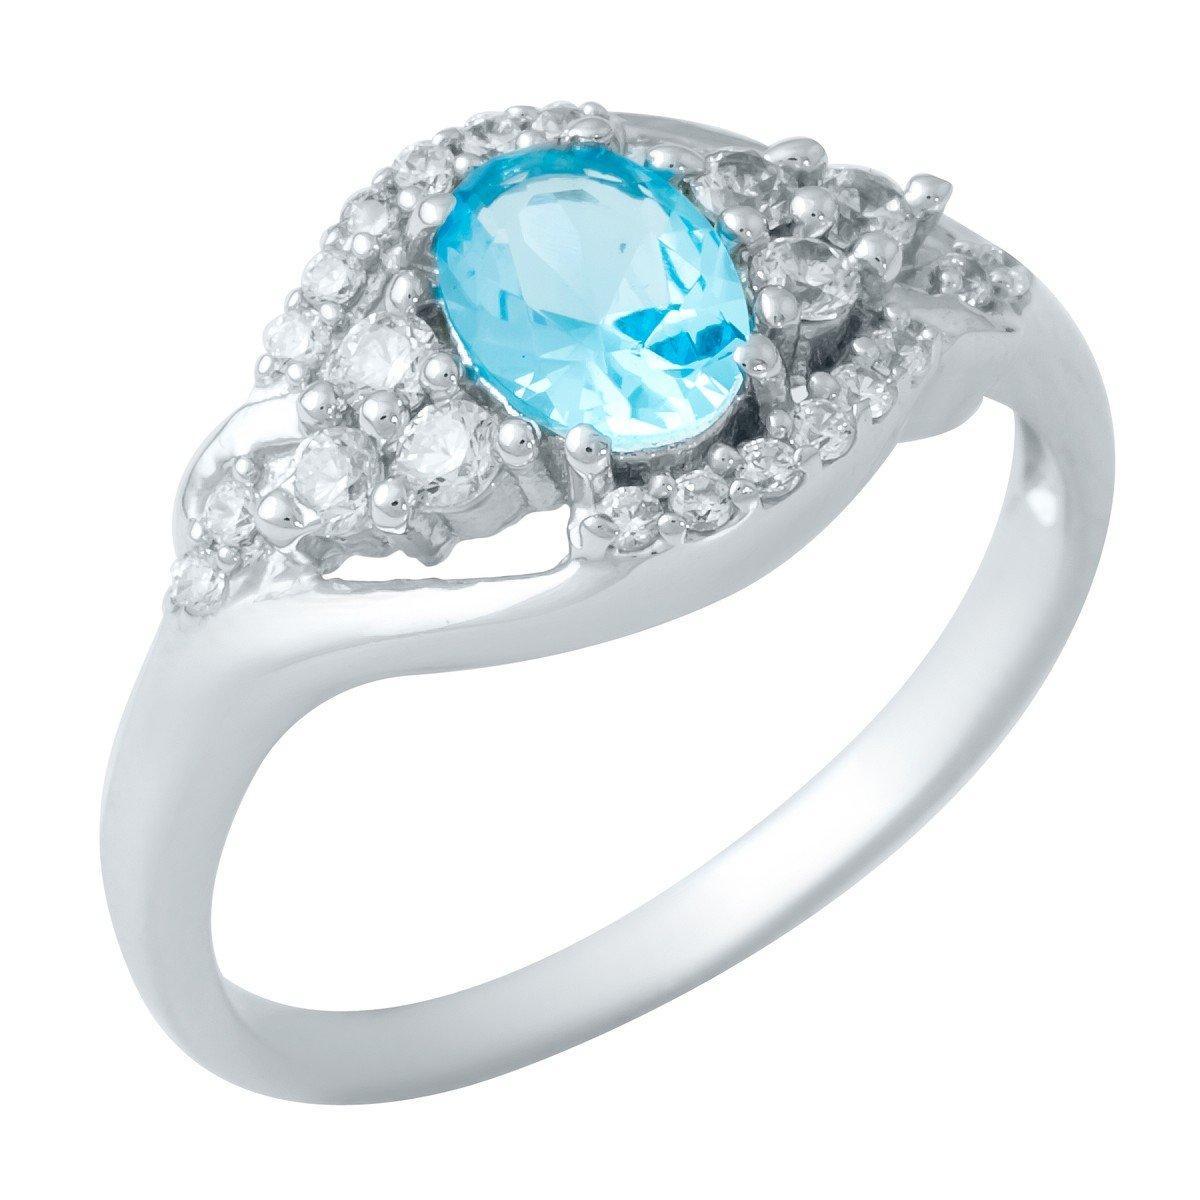 Серебряное кольцо DreamJewelry с аквамарином nano (1948828) 18 размер